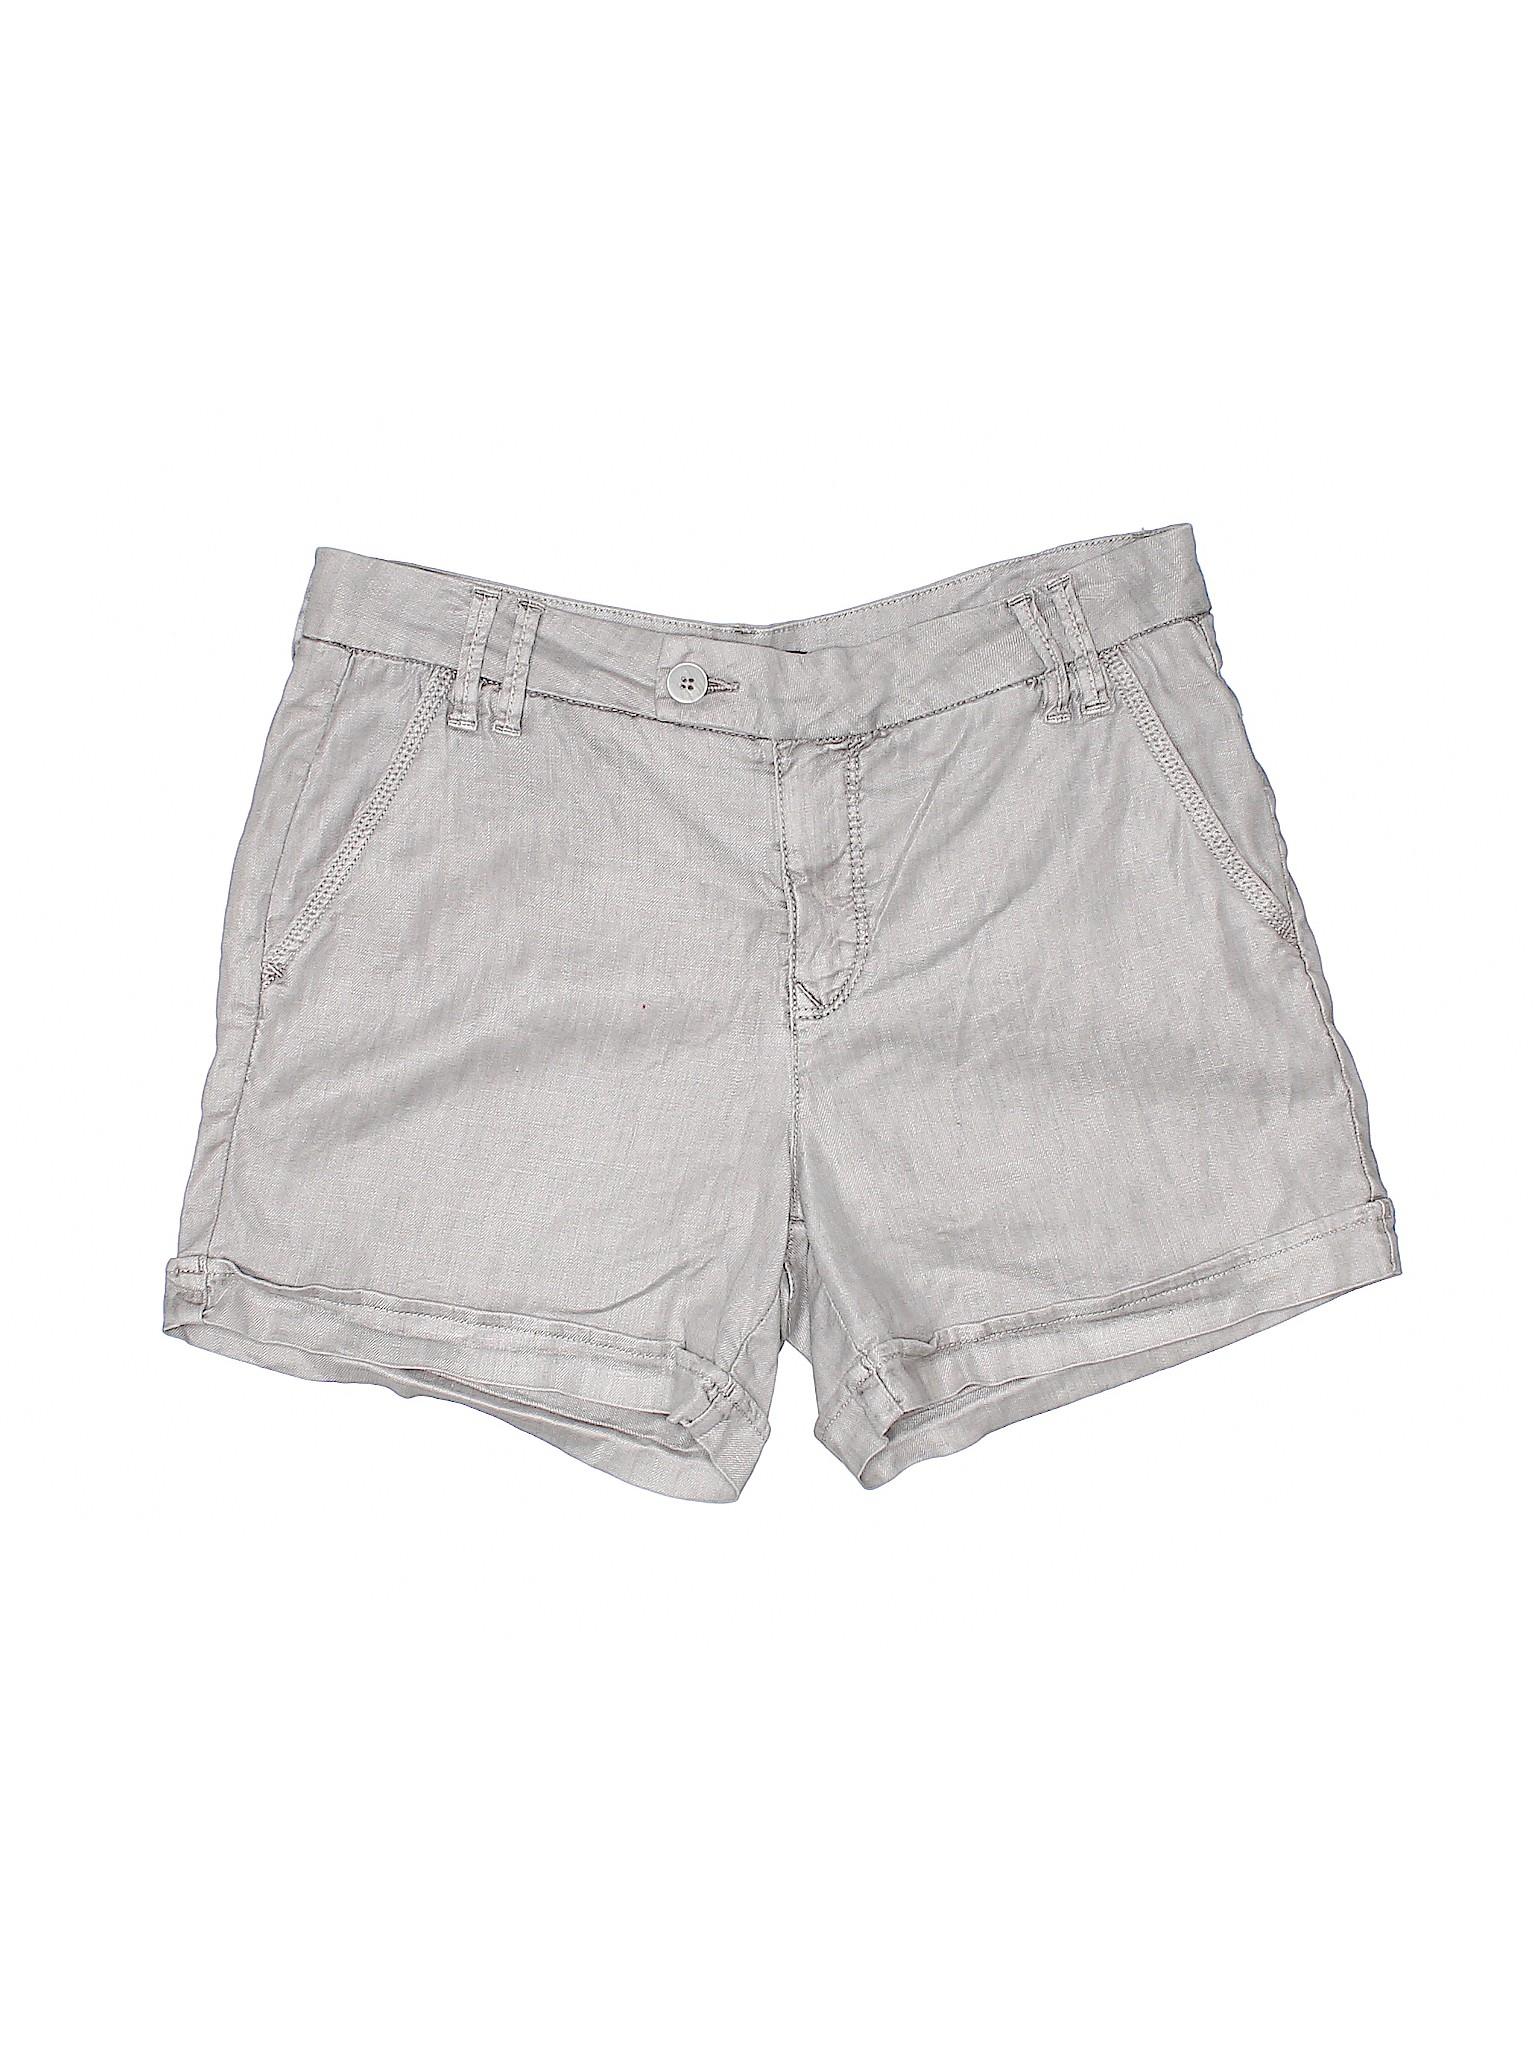 Boutique leisure Shorts Boutique Level 99 leisure BOx0wqB